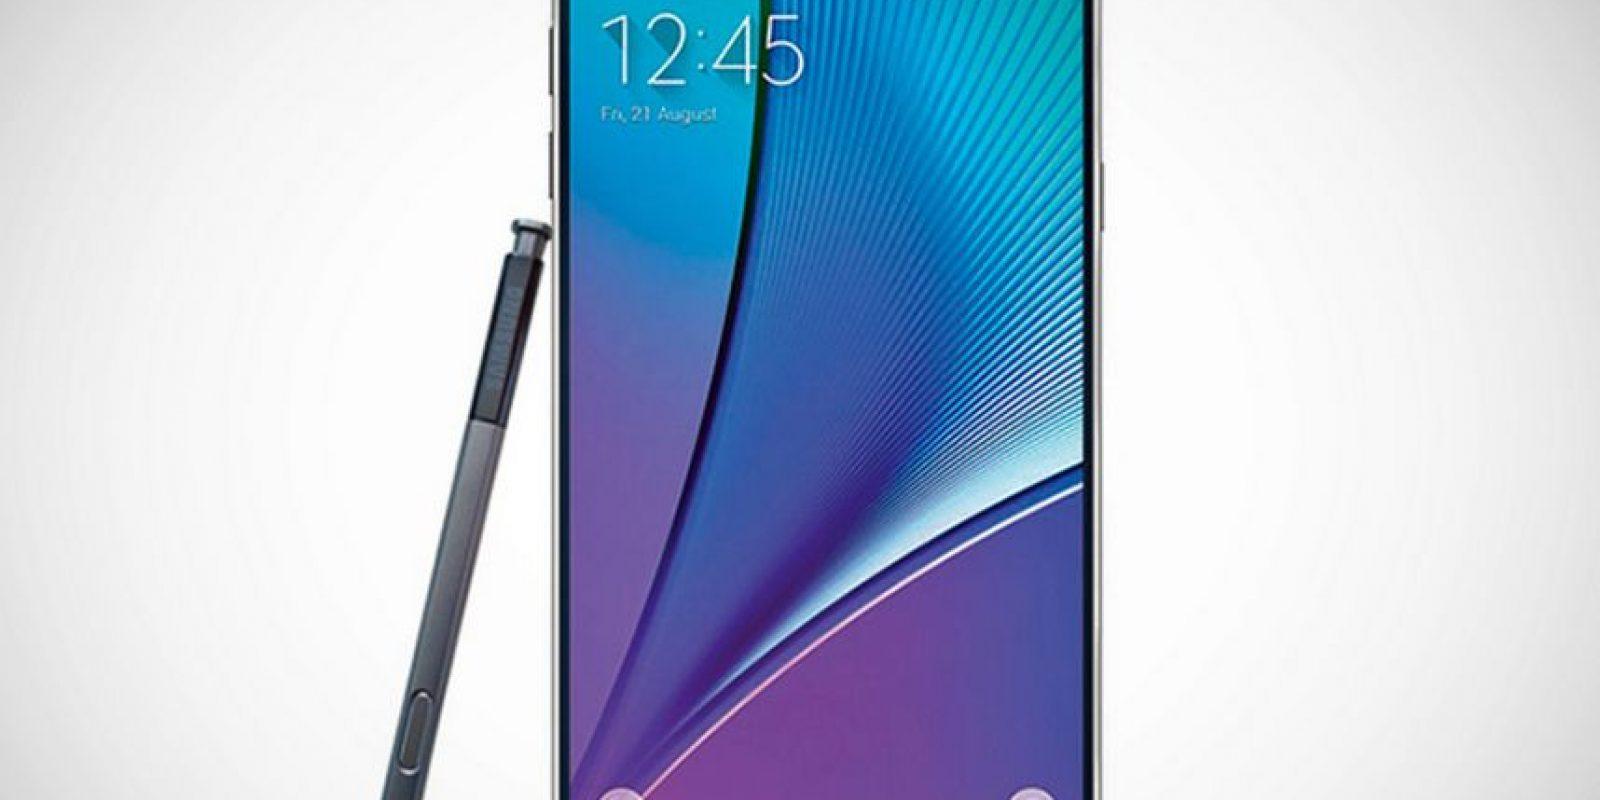 Galaxy Note 5 y Galaxy S6 Edge Plus: Pantalla más grande del mercado (5.7 pulgadas) Foto:Samsung